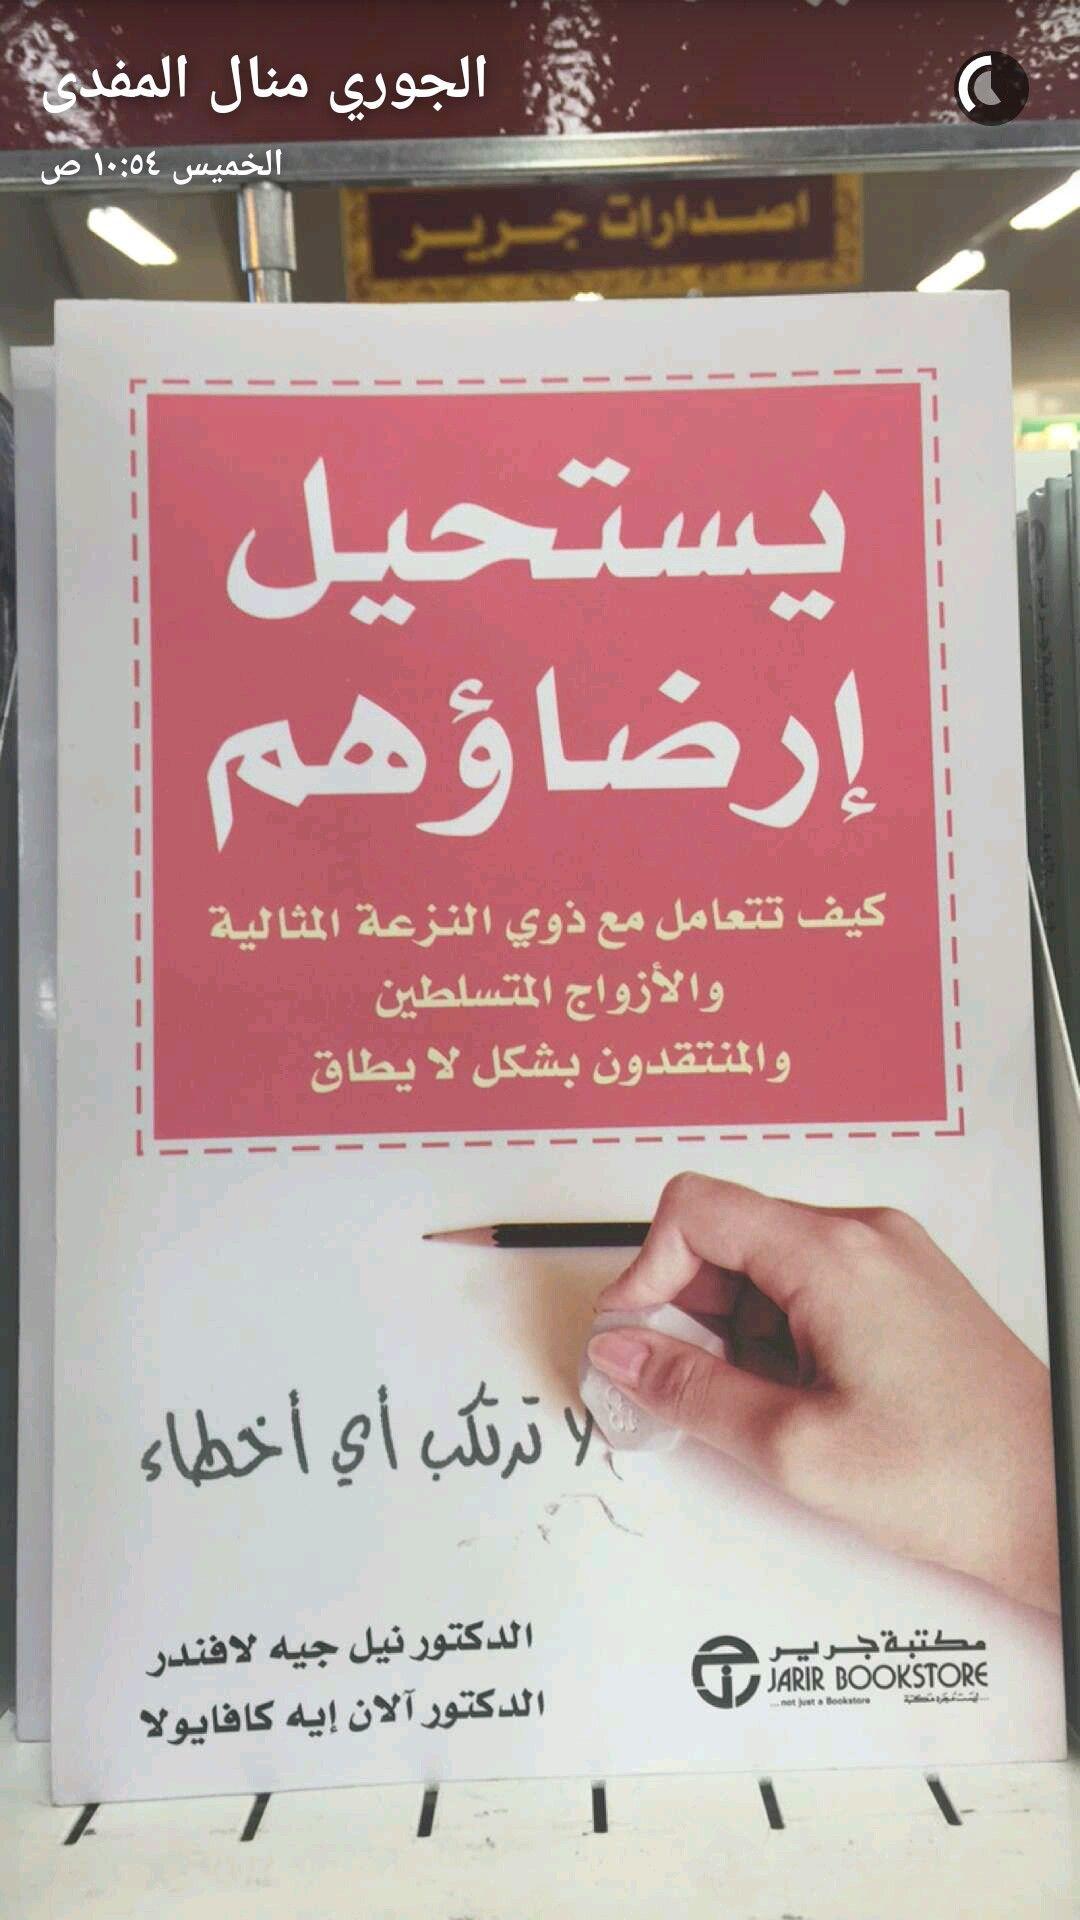 يستحيل ارضاؤهم Books Inspirational Books Ebooks Free Books